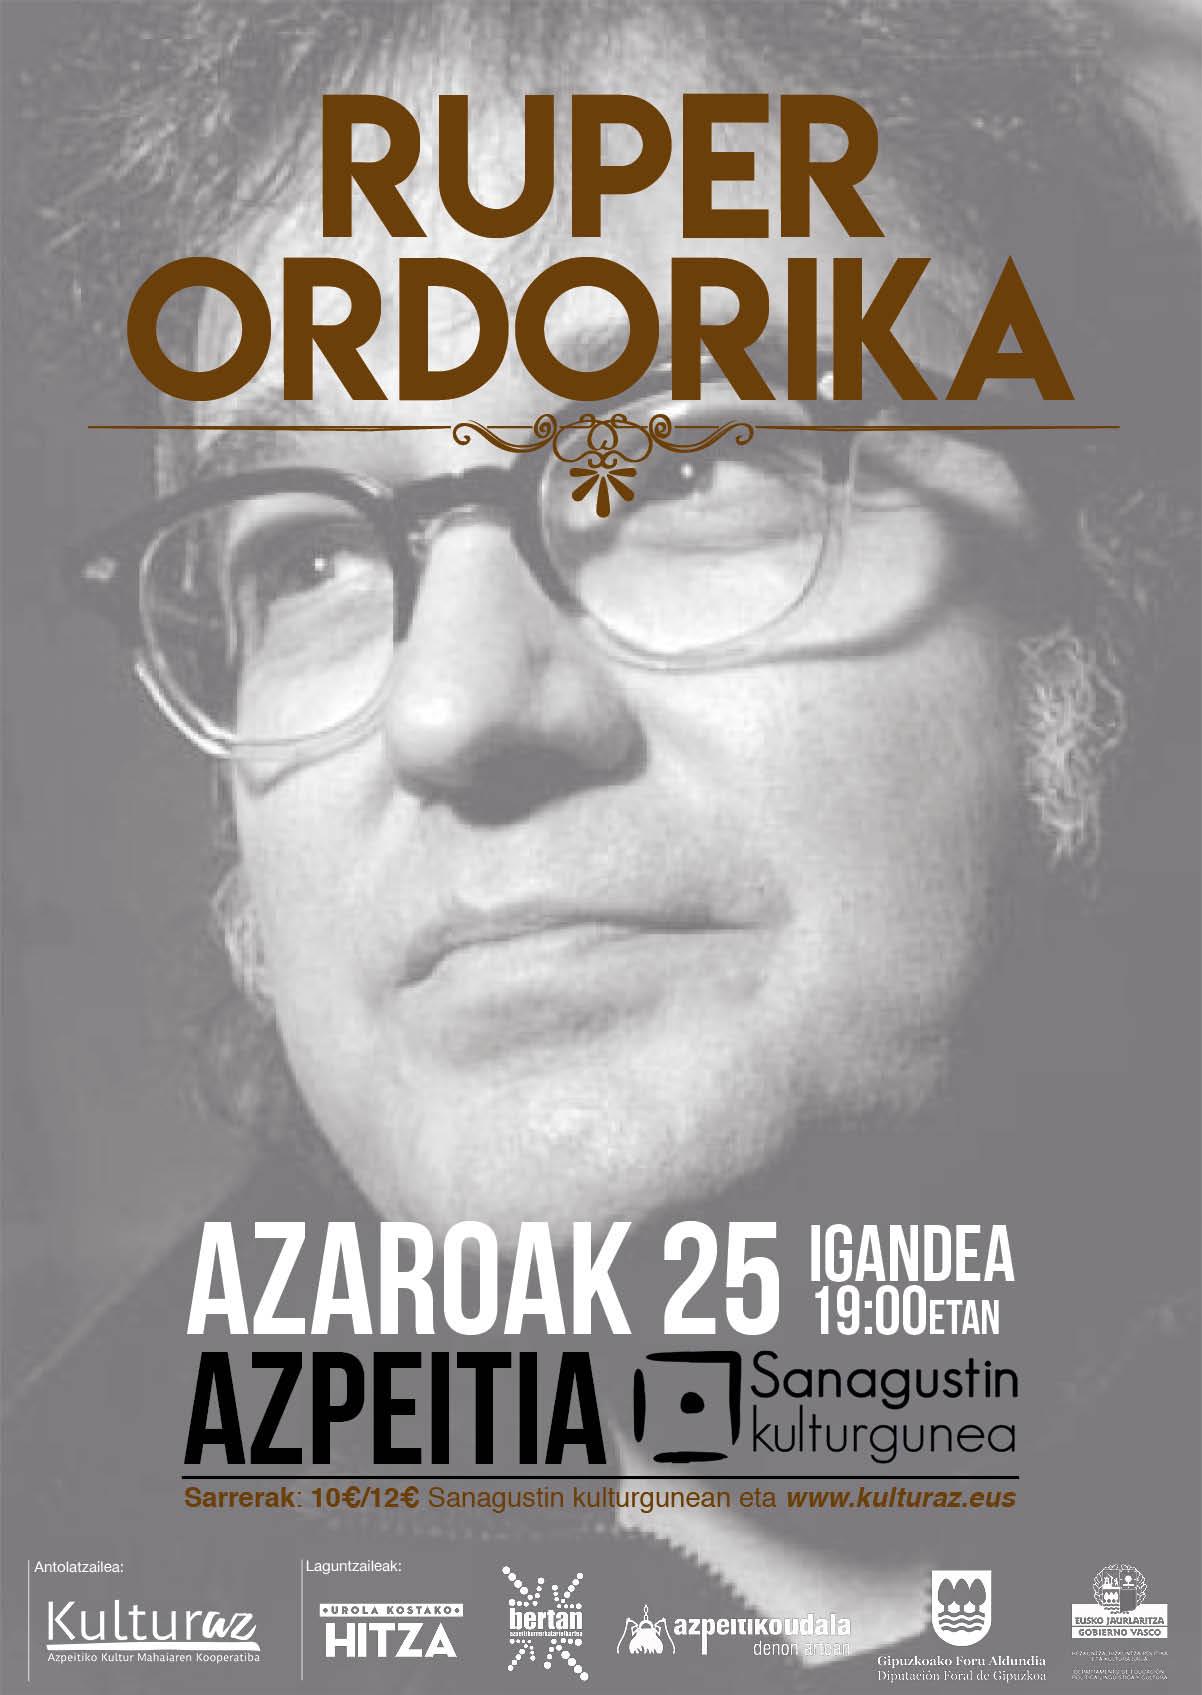 Ruper Ordorika